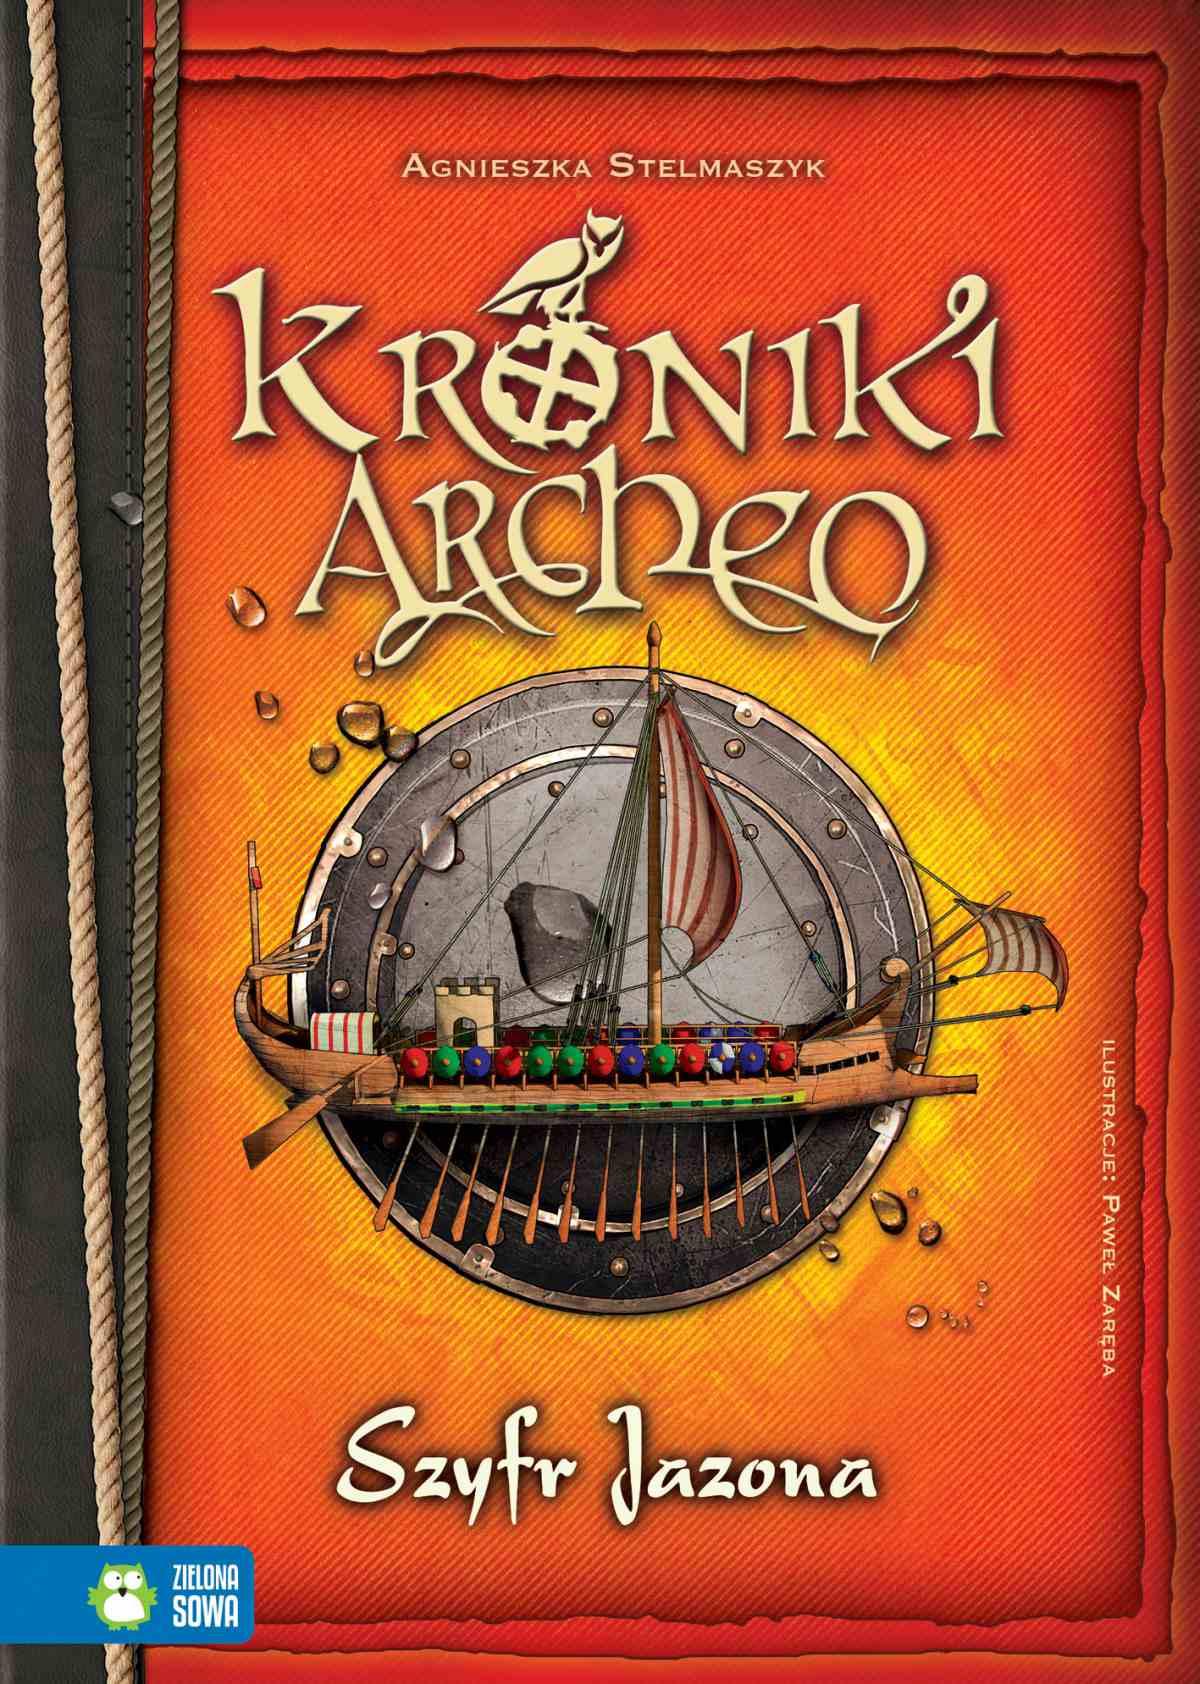 Kroniki Archeo: Szyfr Jazona - Ebook (Książka na Kindle) do pobrania w formacie MOBI